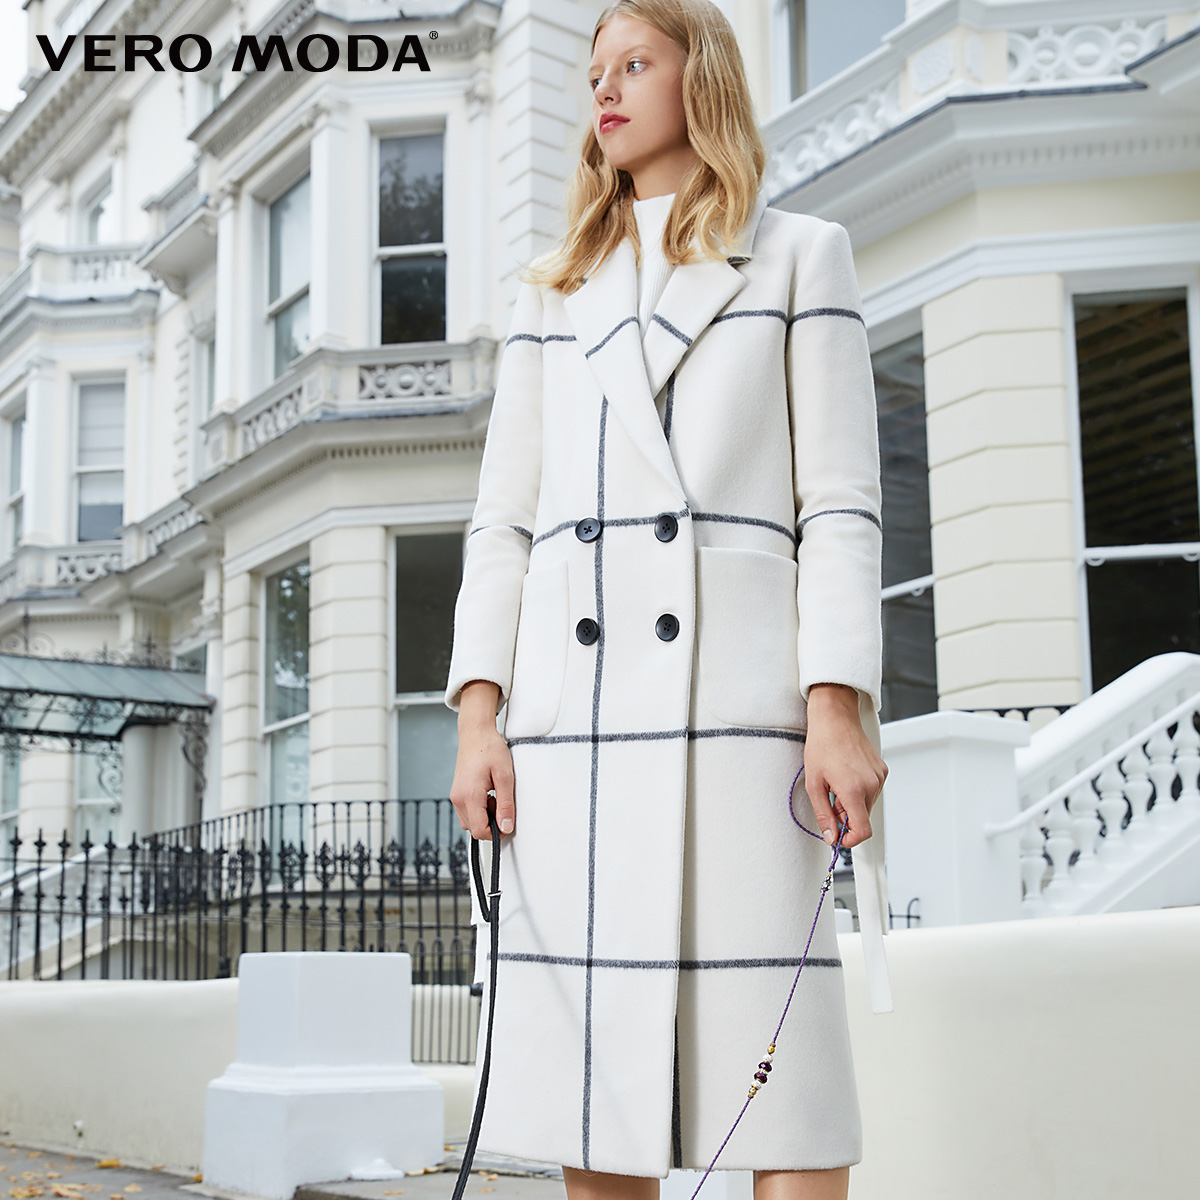 Vero Moda manteau droit en laine à carreaux urbains pour femmes   318327514